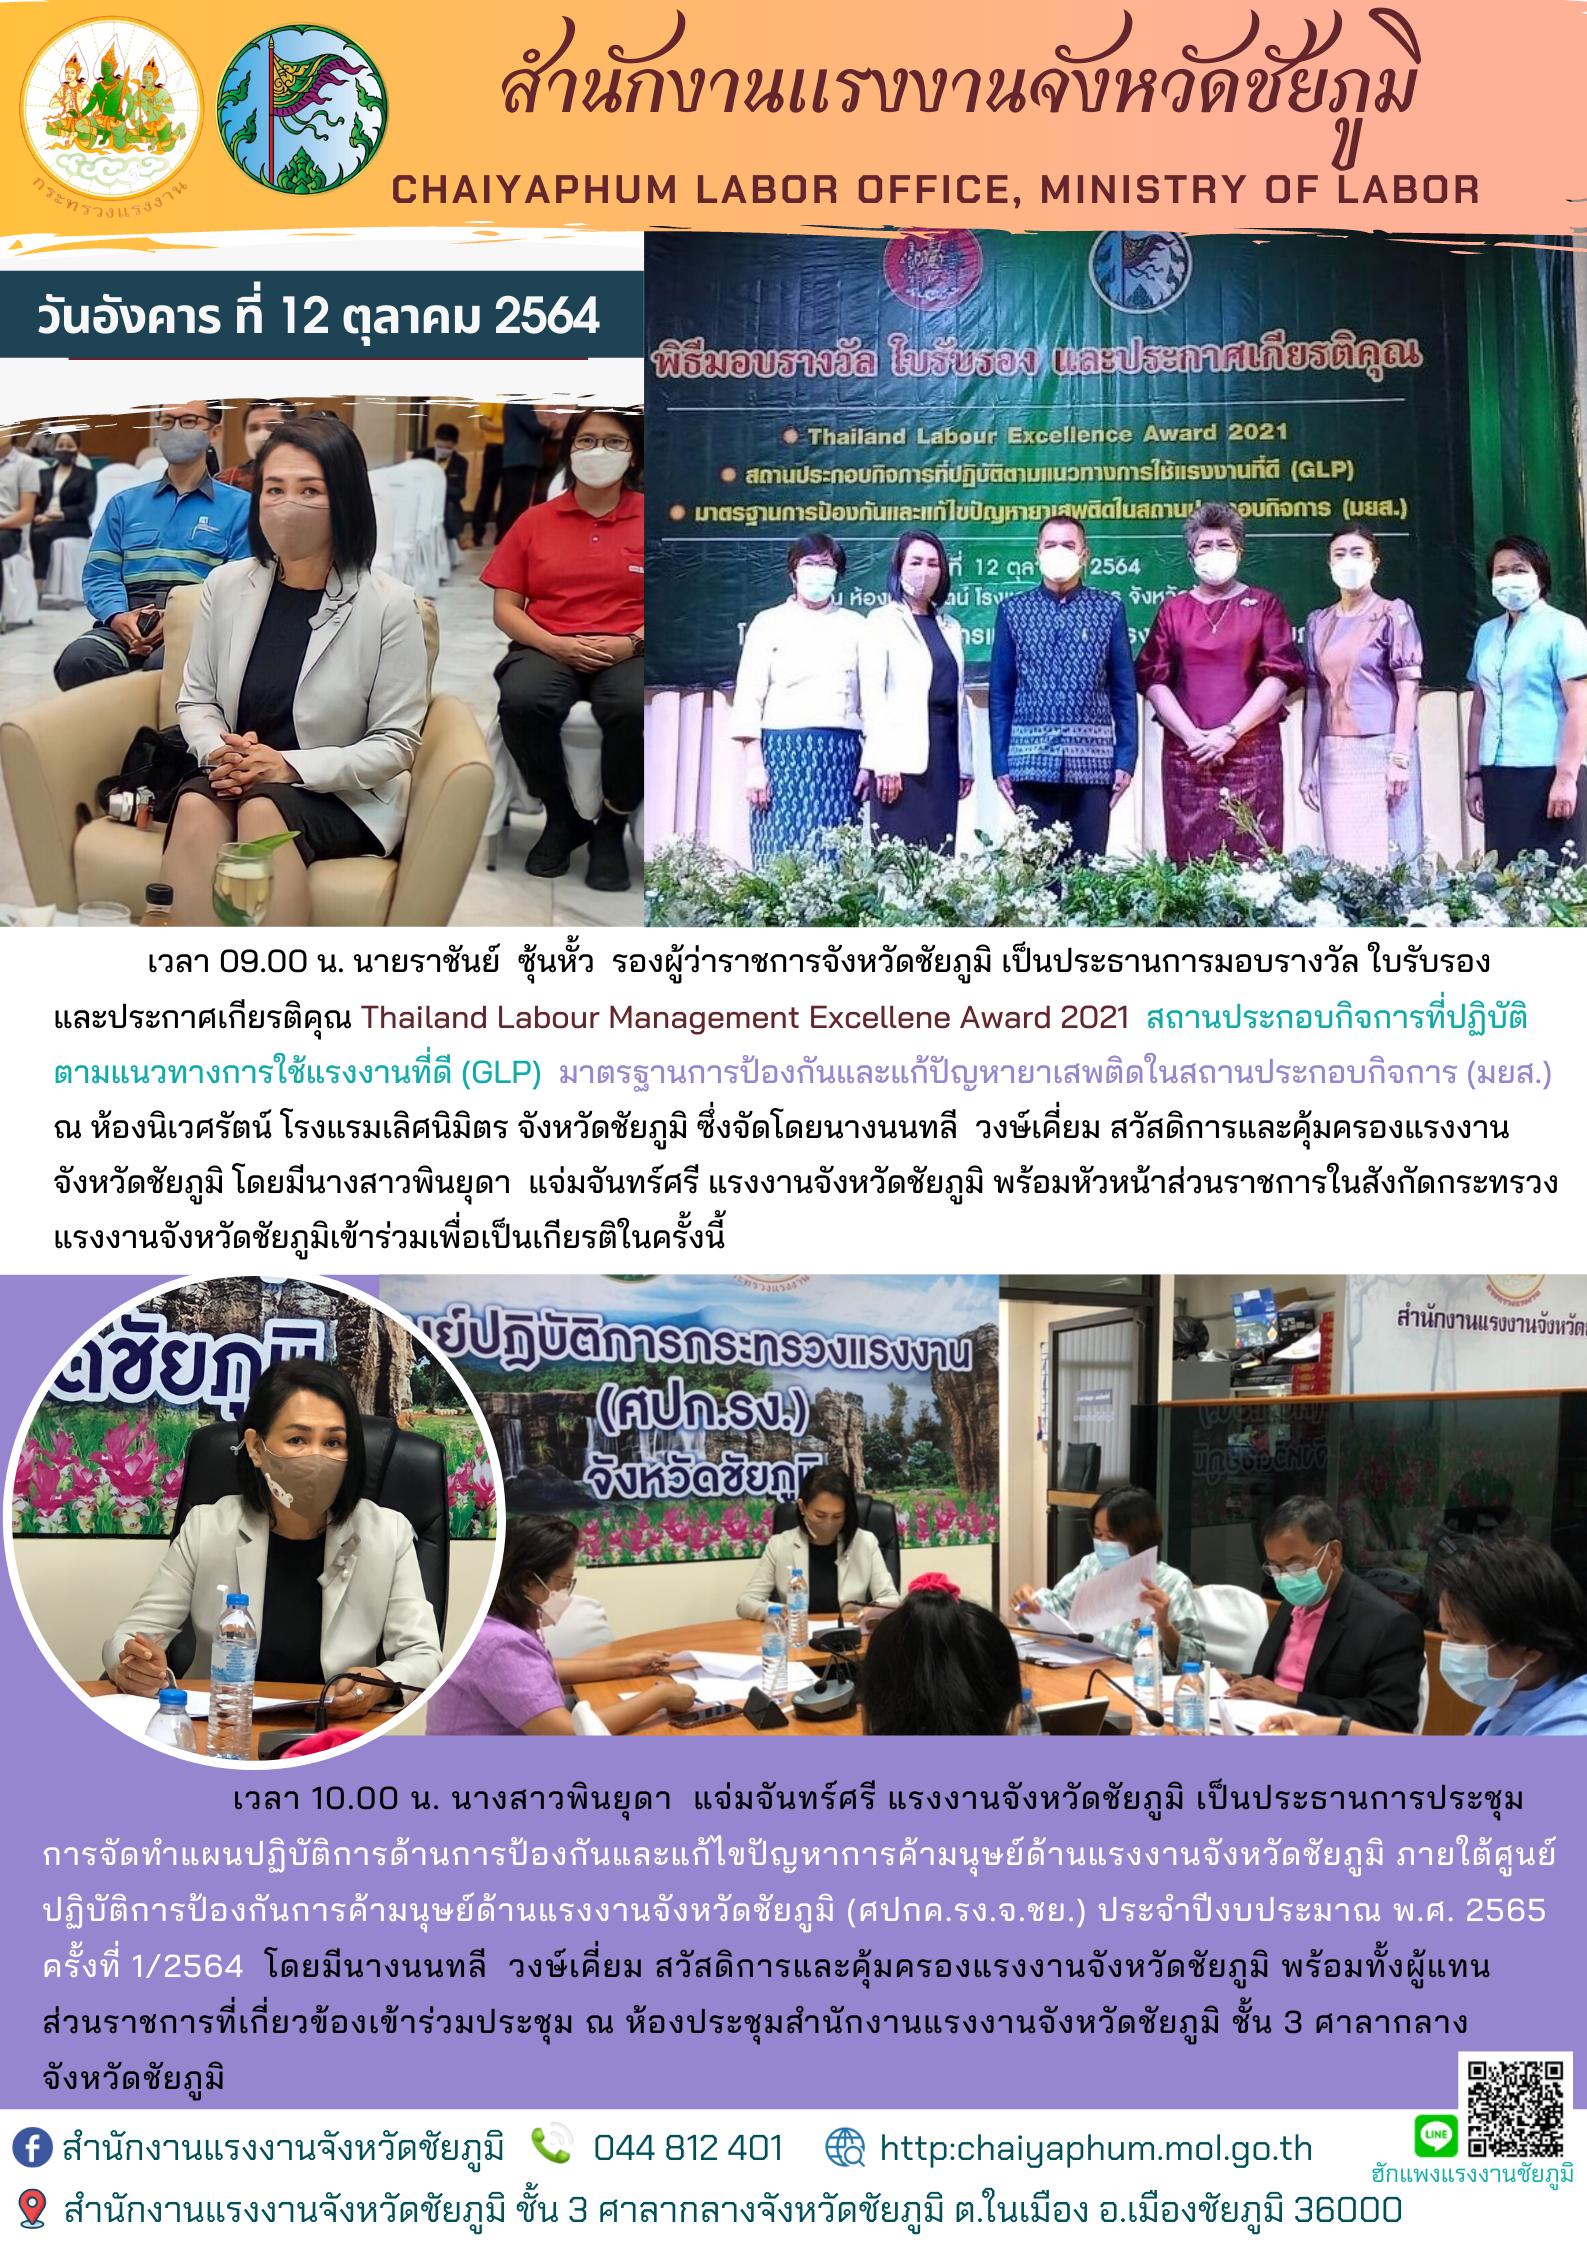 แรงงานจังหวัดชัยภูมิ พร้อมหัวหน้าส่วนราชการในสังกัดกระทรวงแรงงานจังหวัดชัยภูมิเข้าร่วมเพื่อเป็นเกียรติในพิธีมอบรางวัล ใบรับรอง  และประกาศเกียรติคุณ Thailand Labour Management Excellene Award 2021  แก่สถานประกอบกิจการที่ปฏิบัติตามแนวทางการใช้แรงงานที่ดี (GLP)  มาตรฐานการป้องกันและแก้ปัญหายาเสพติดในสถานประกอบกิจการ (มยส.)  ณ ห้องนิเวศรัตน์ โรงแรมเลิศนิมิตร จังหวัดชัยภูมิ/การประชุมการจัดทำแผนปฏิบัติการด้านการป้องกันและแก้ไขปัญหาการค้ามนุษย์ด้านแรงงานจังหวัดชัยภูมิ ภายใต้ศูนย์ปฏิบัติการป้องกันการค้ามนุษย์ด้านแรงงานจังหวัดชัยภูมิ (ศปกค.รง.จ.ชย.) ประจำปีงบประมาณ พ.ศ. 2565